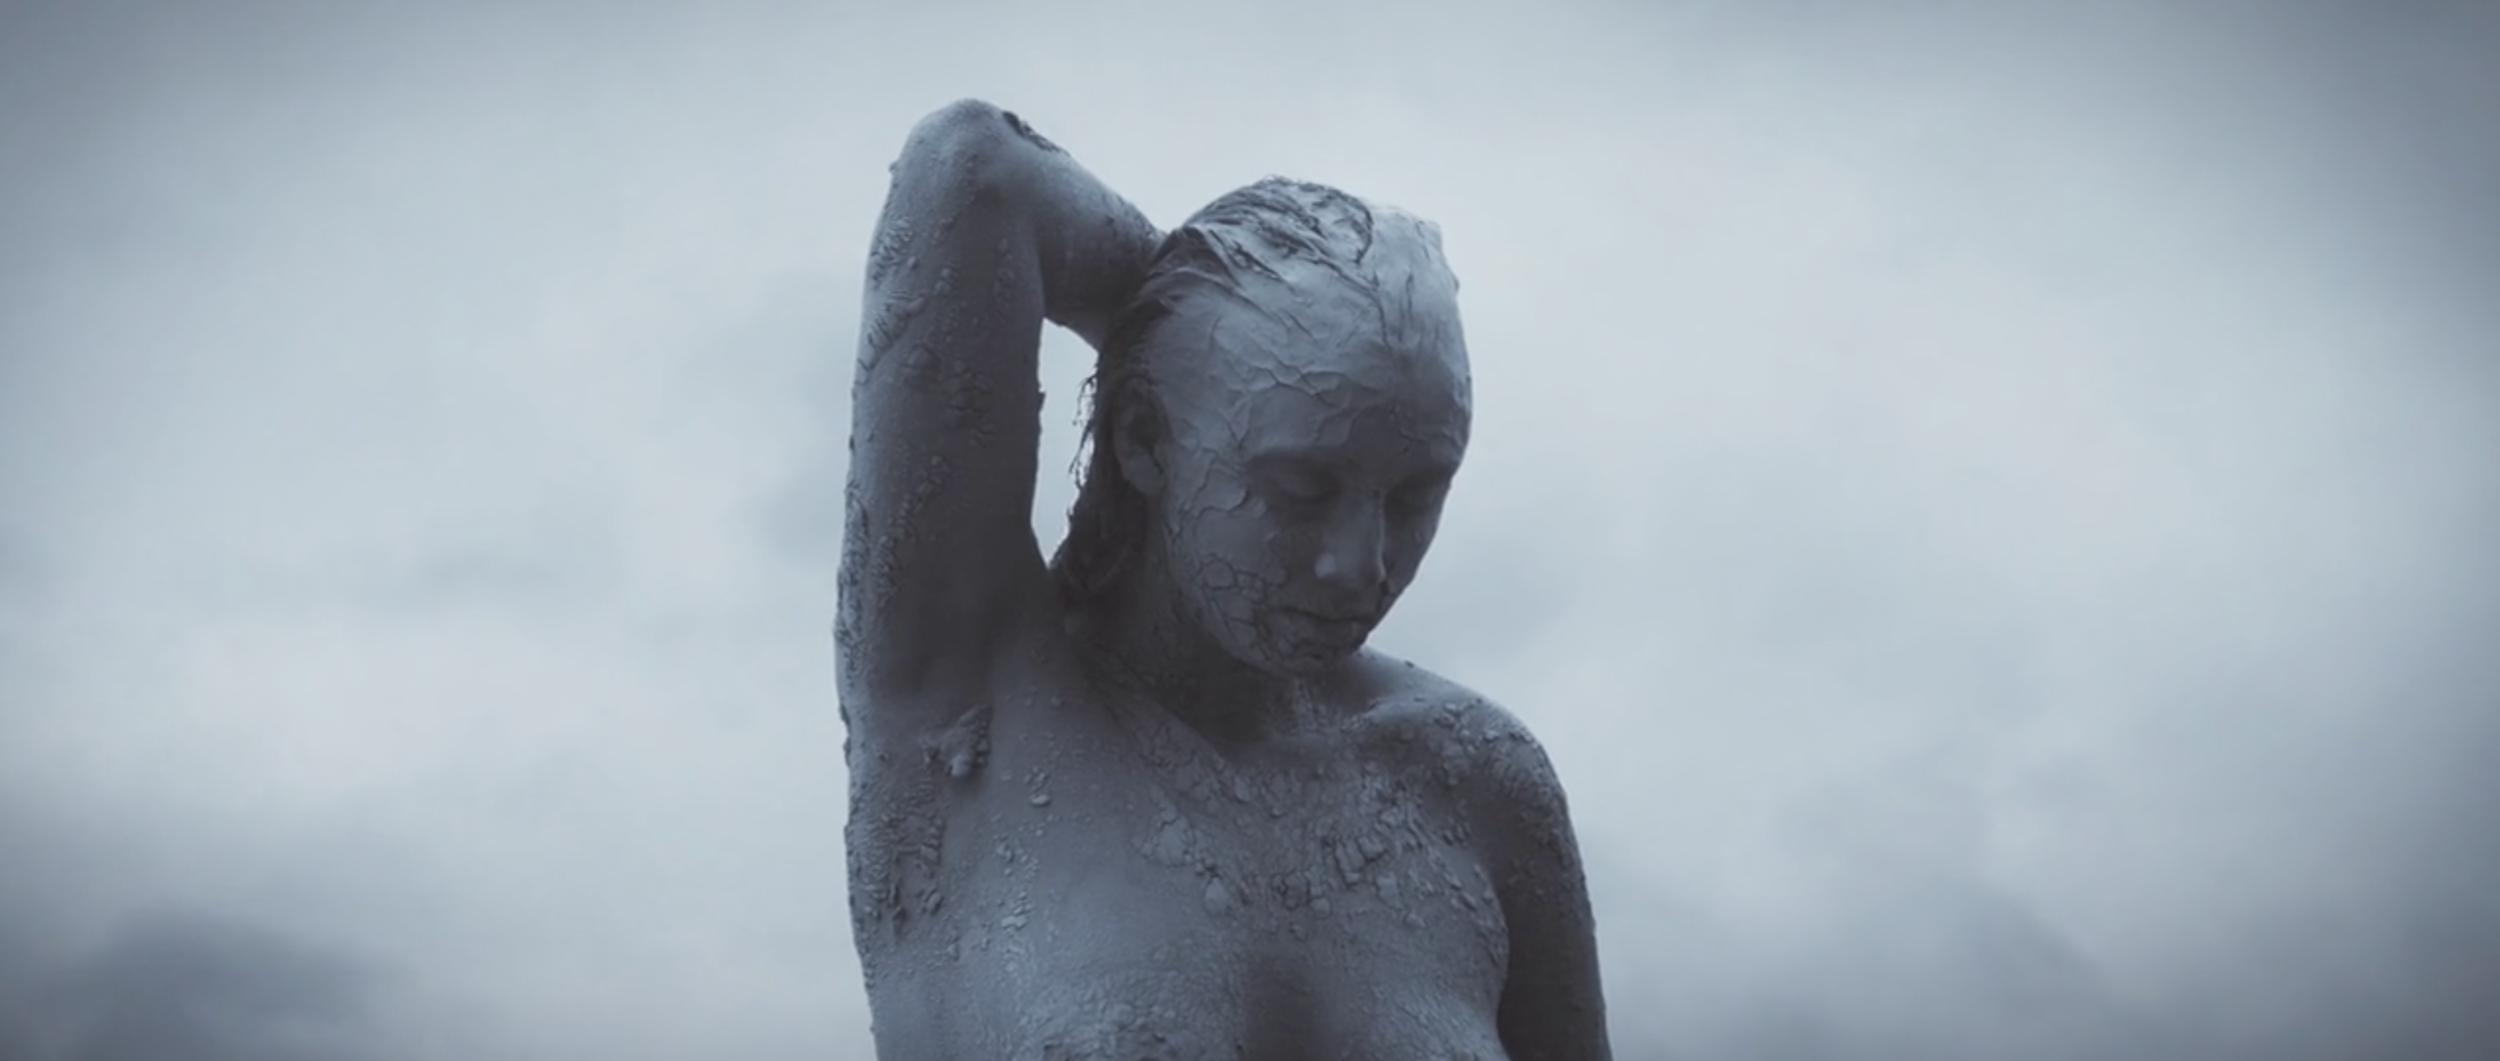 Turquoise (2014)